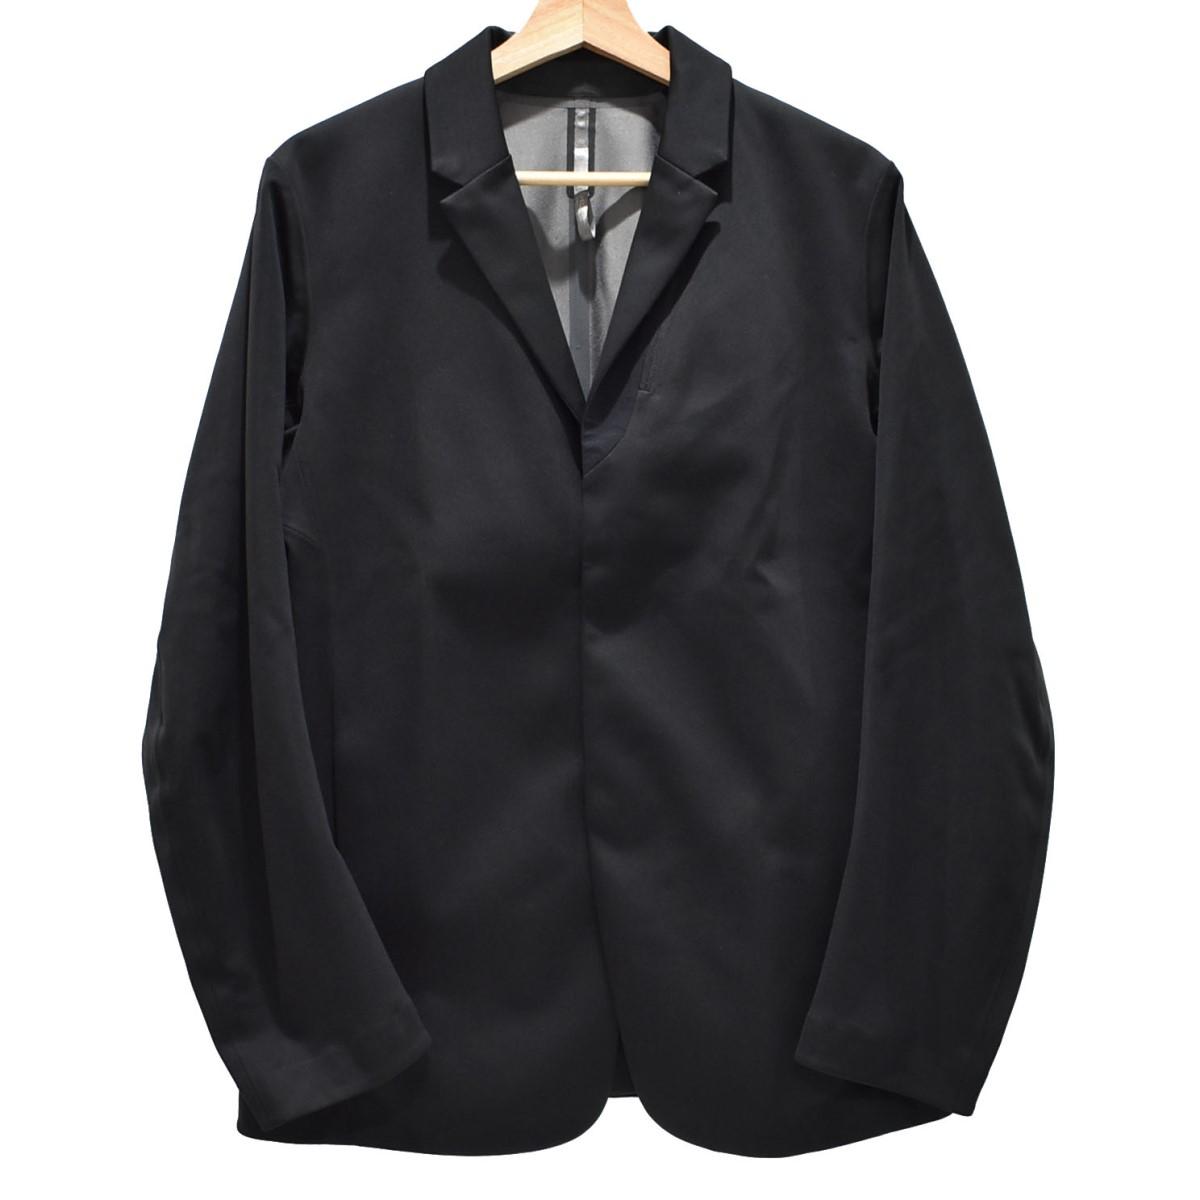 【中古】ARC'TERYX VEILANCE IndisceBlazer ジャケット ブレザー ブラック サイズ:S 【040720】(アークテリクスヴェイランス)